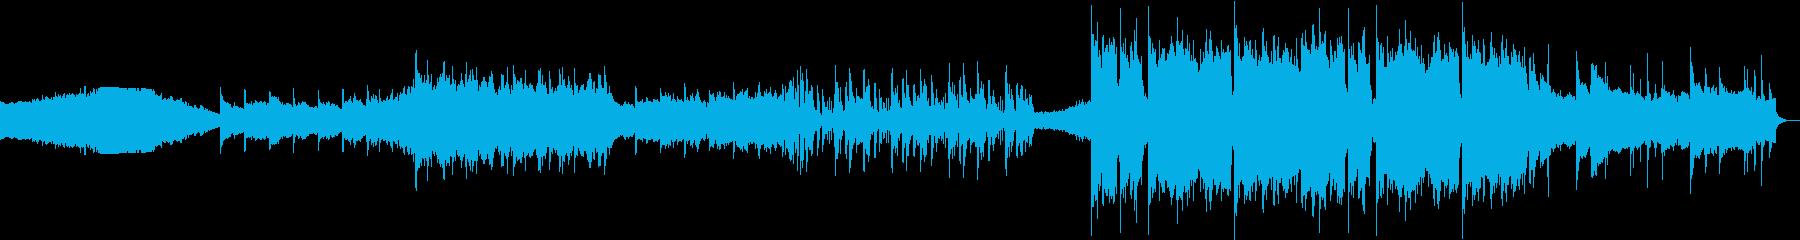 叙情的な異空間 ピアノ・chill系の再生済みの波形